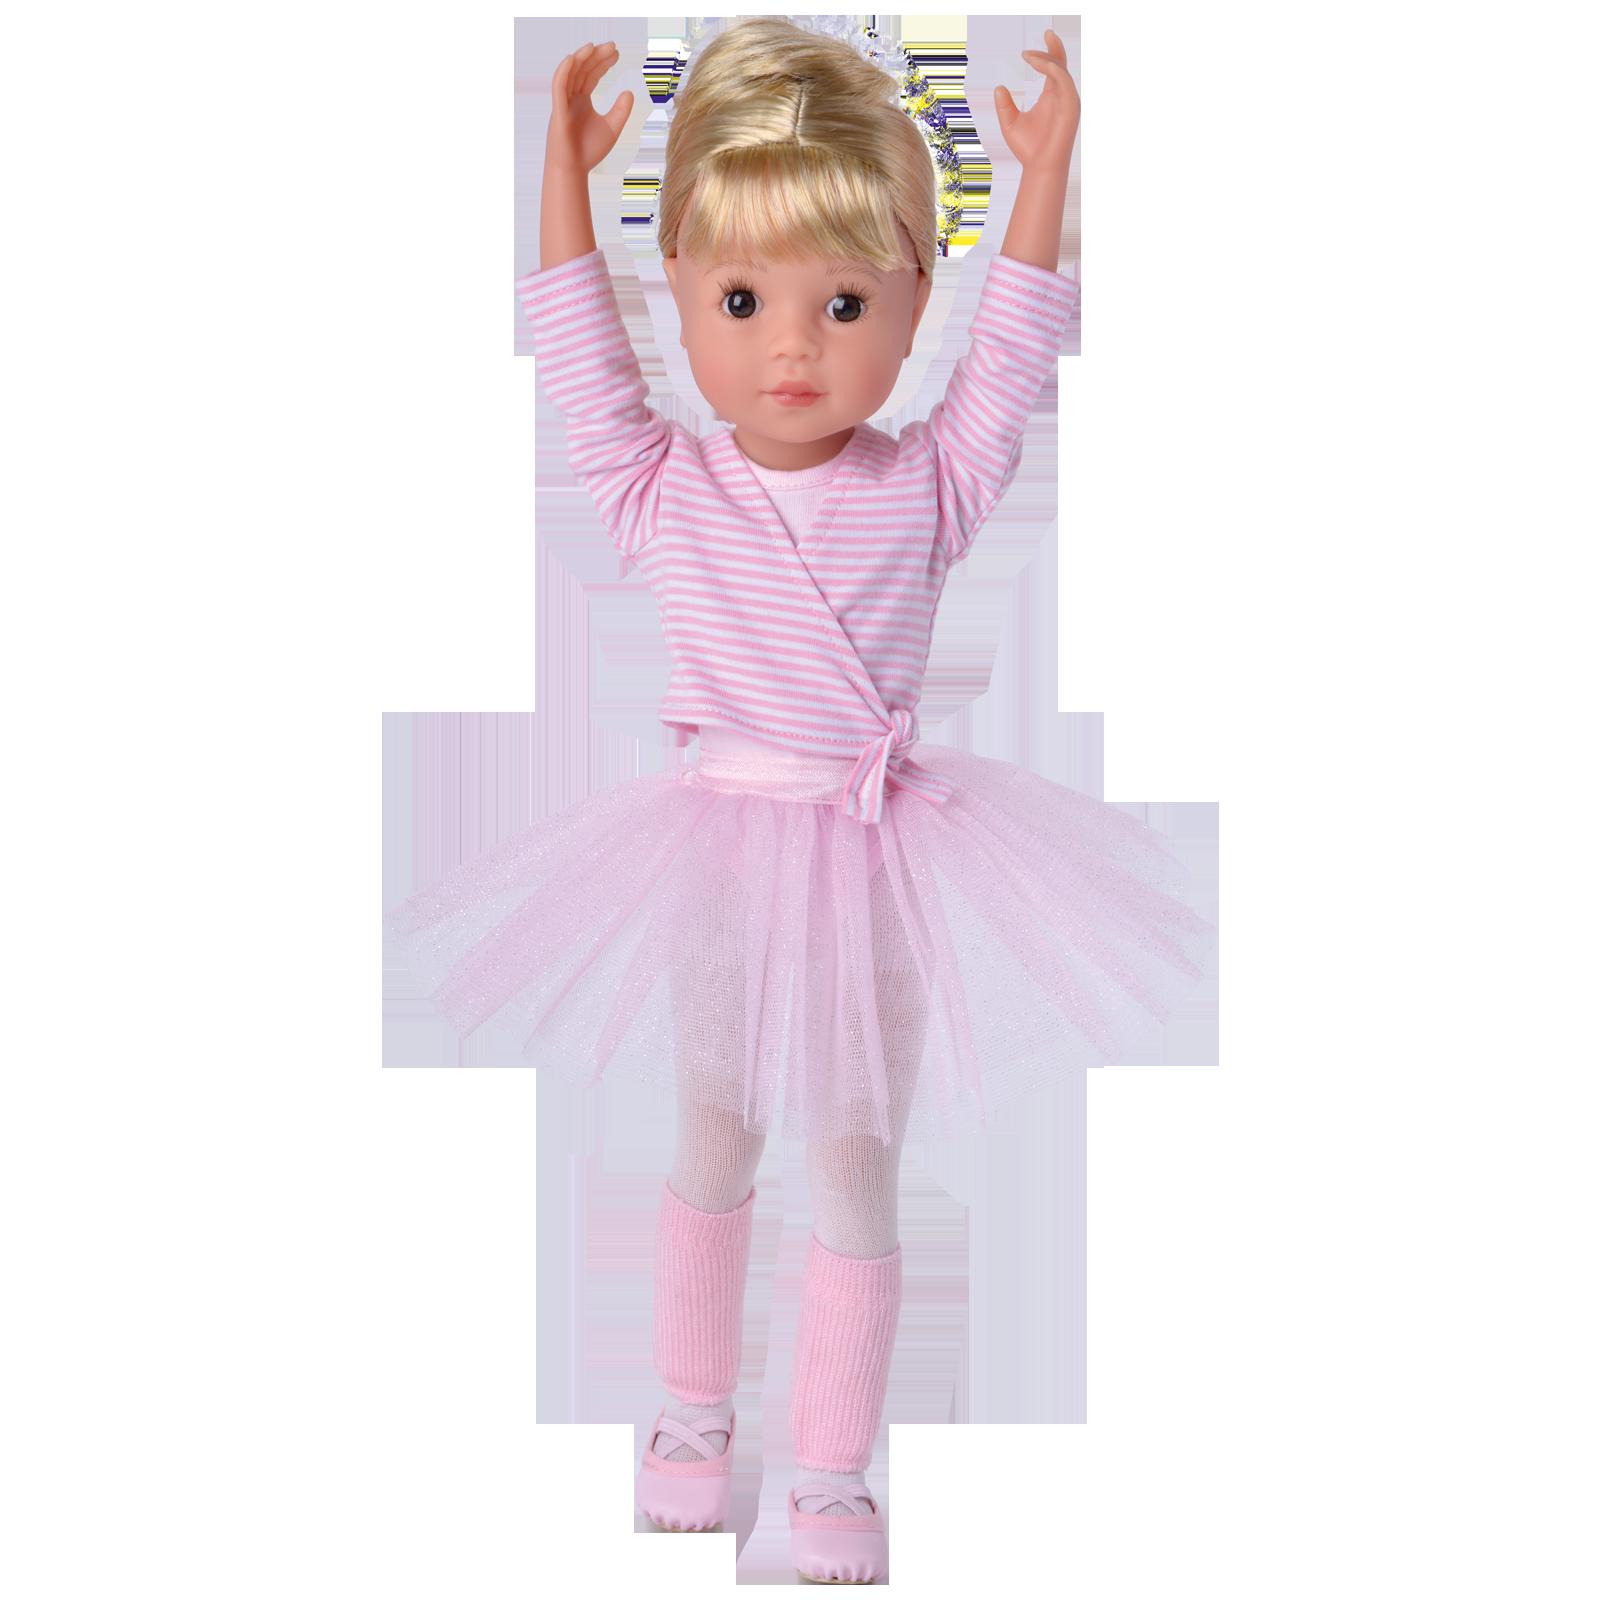 Paula liebt es zu tanzen Tag für Tag übt sie fleißig ihre Schritte und Piroutten Schließlich wurde sie unter vielen Kindern für einen Auftritt de